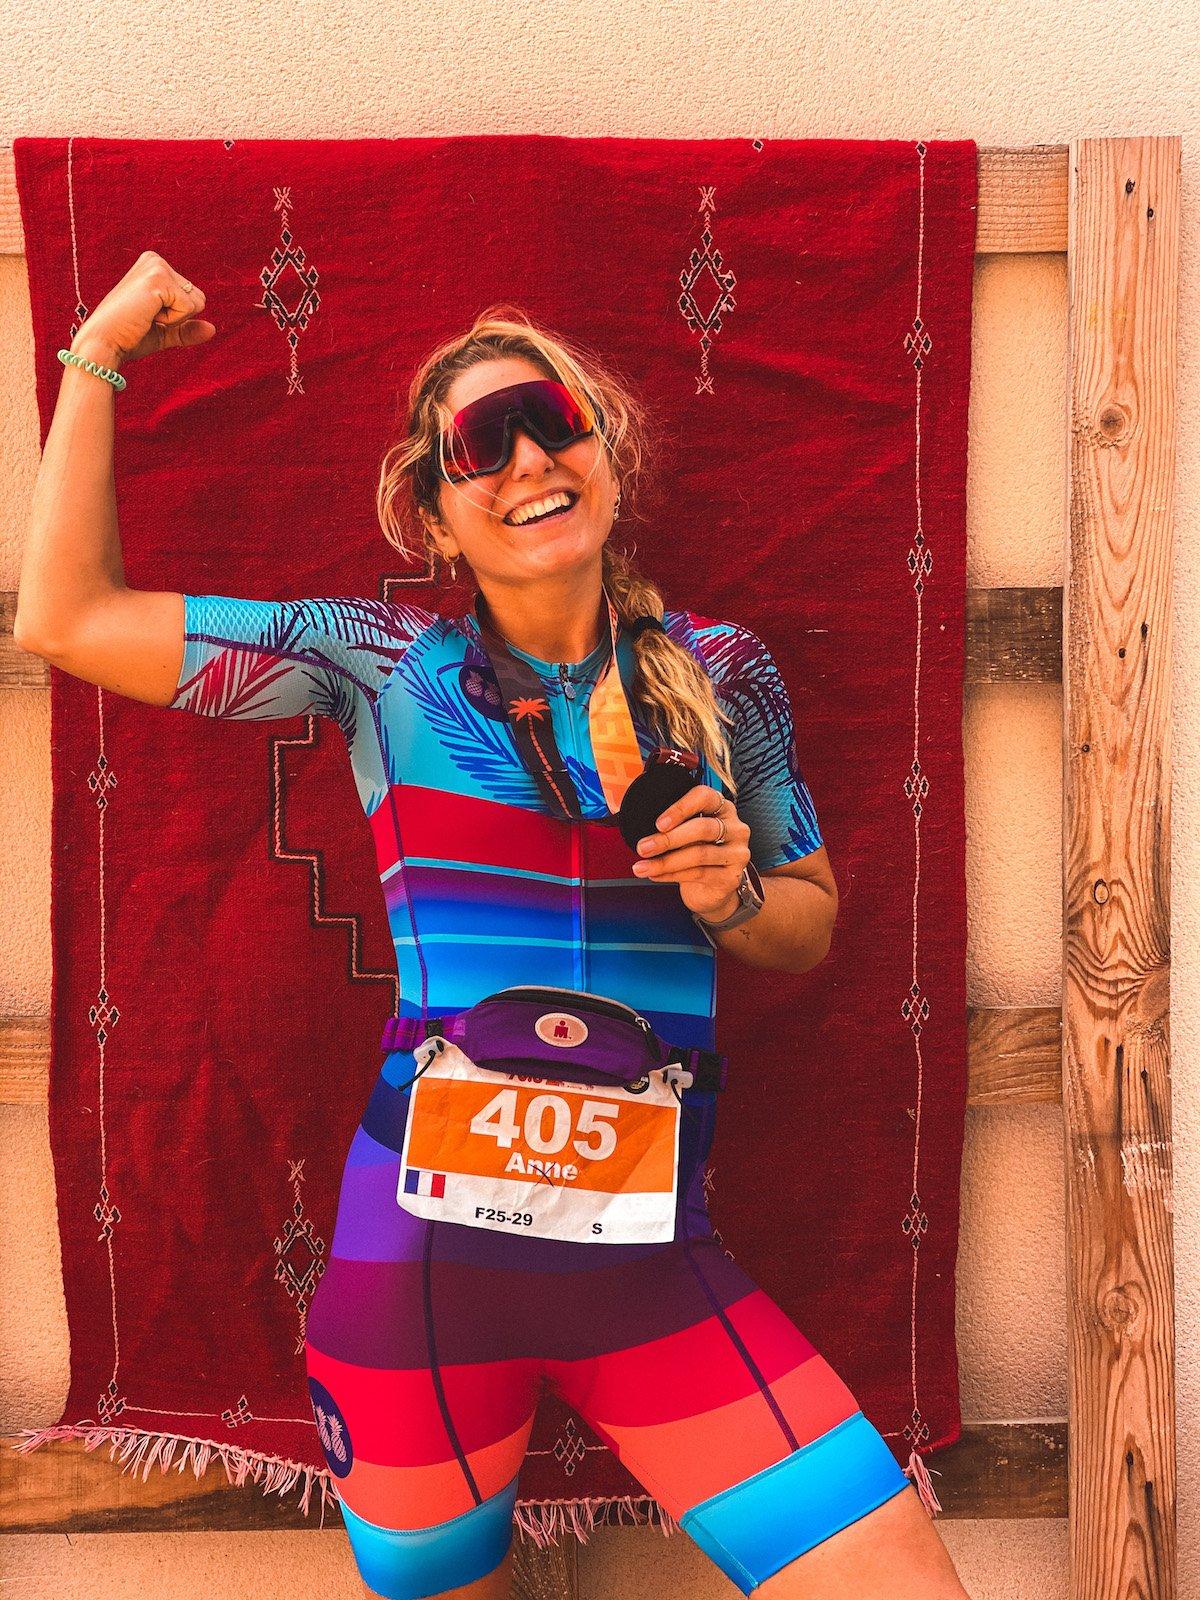 Equipements : Mes Favoris Cyclisme et Triathlon (PMPT)